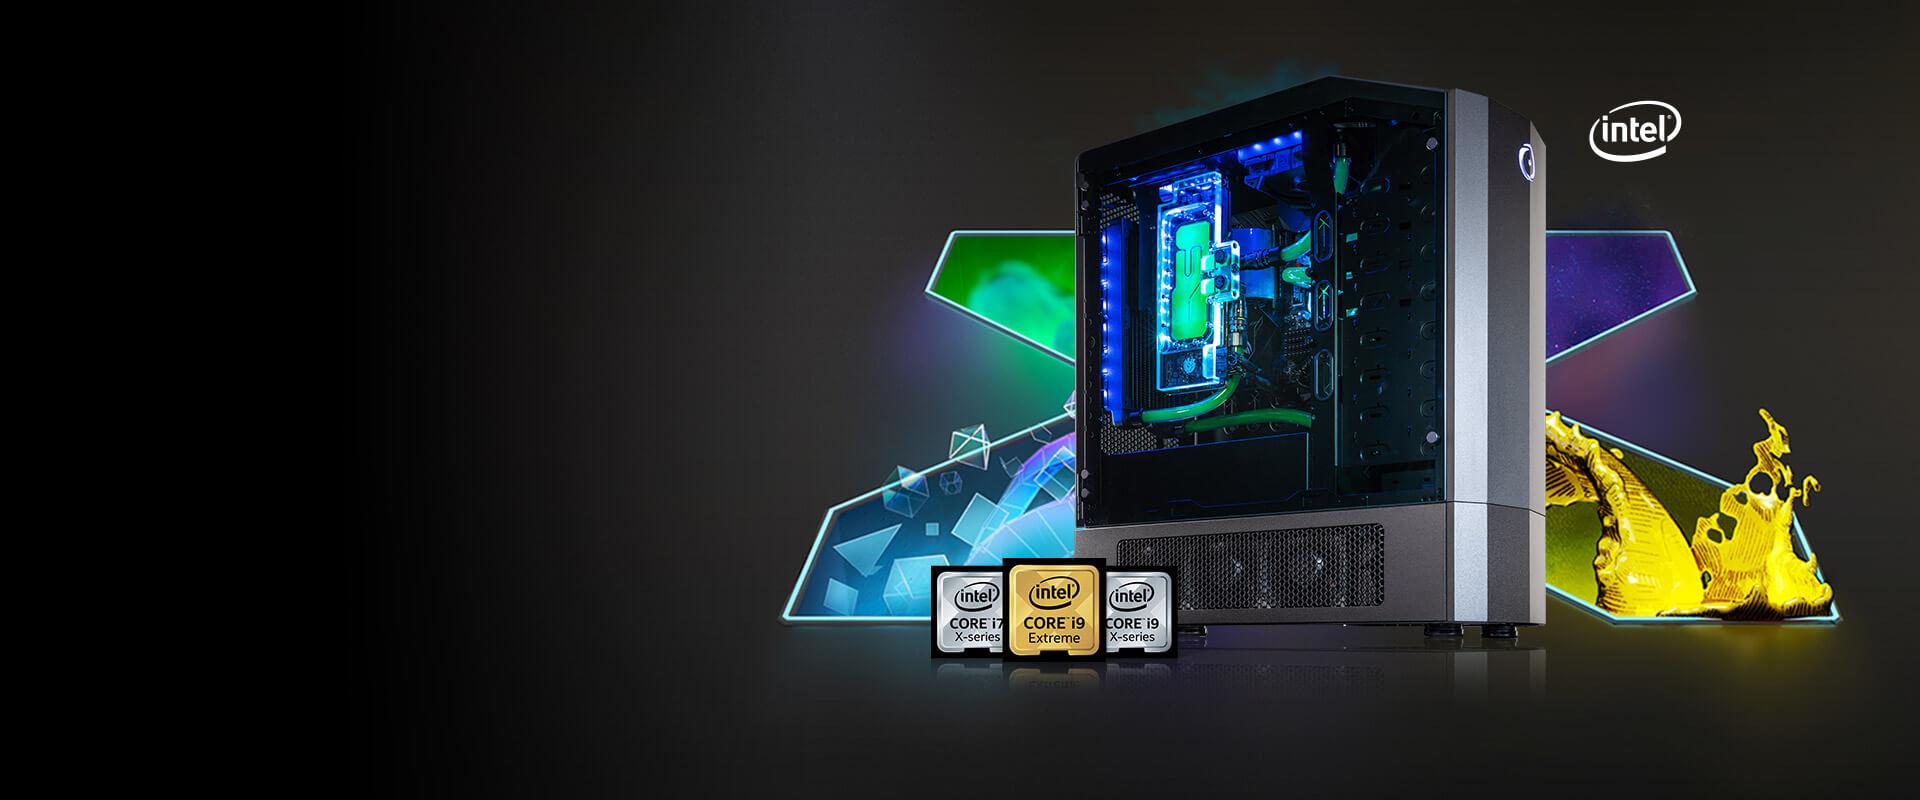 New Intel Core X-Series Processors